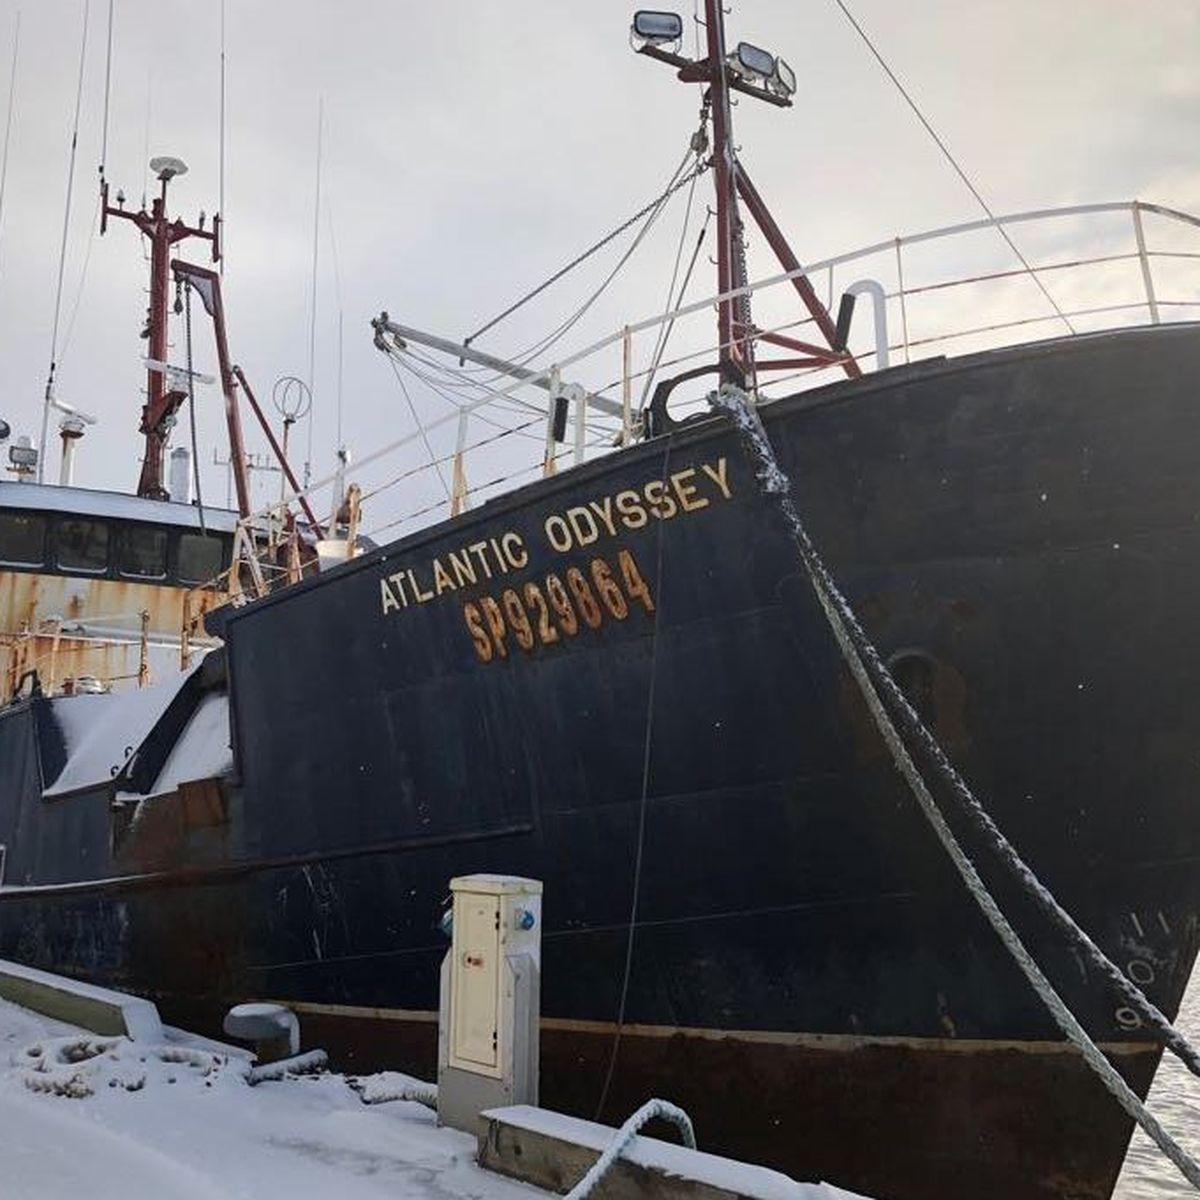 Le tribunal de grande instance ordonne la vente aux enchères du navire Atlantic Odyssey